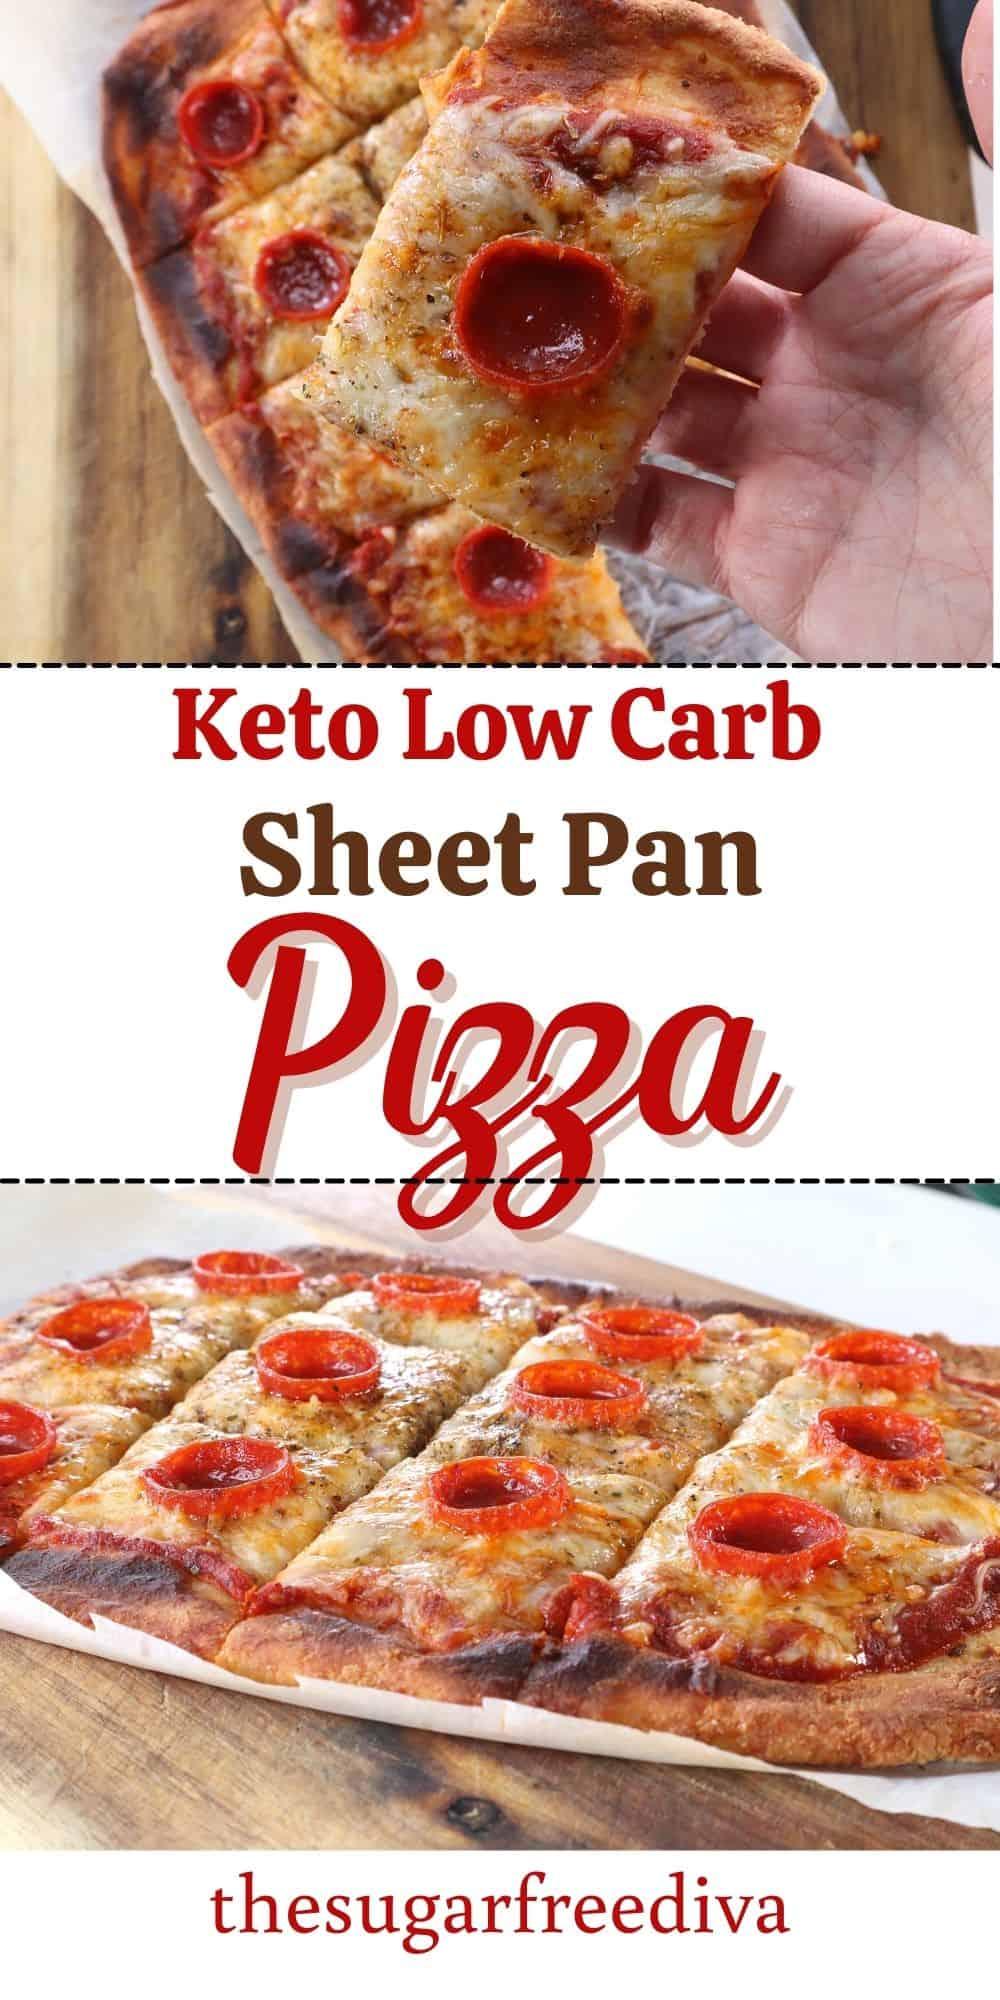 Easy Keto Sheet Pan Pizza